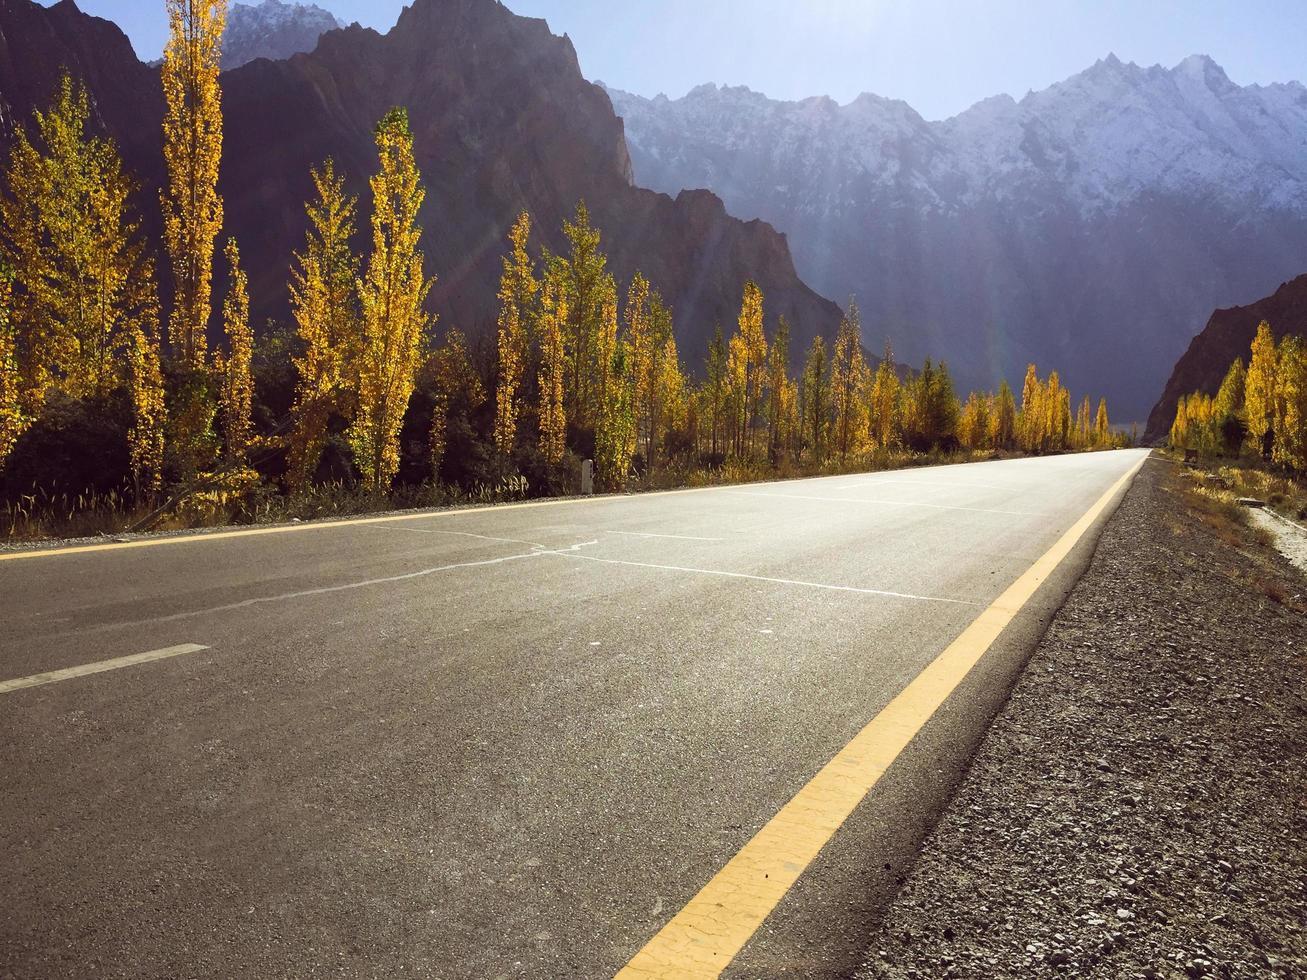 langs de weg van karakoram snelweg in de herfst, pakistan foto